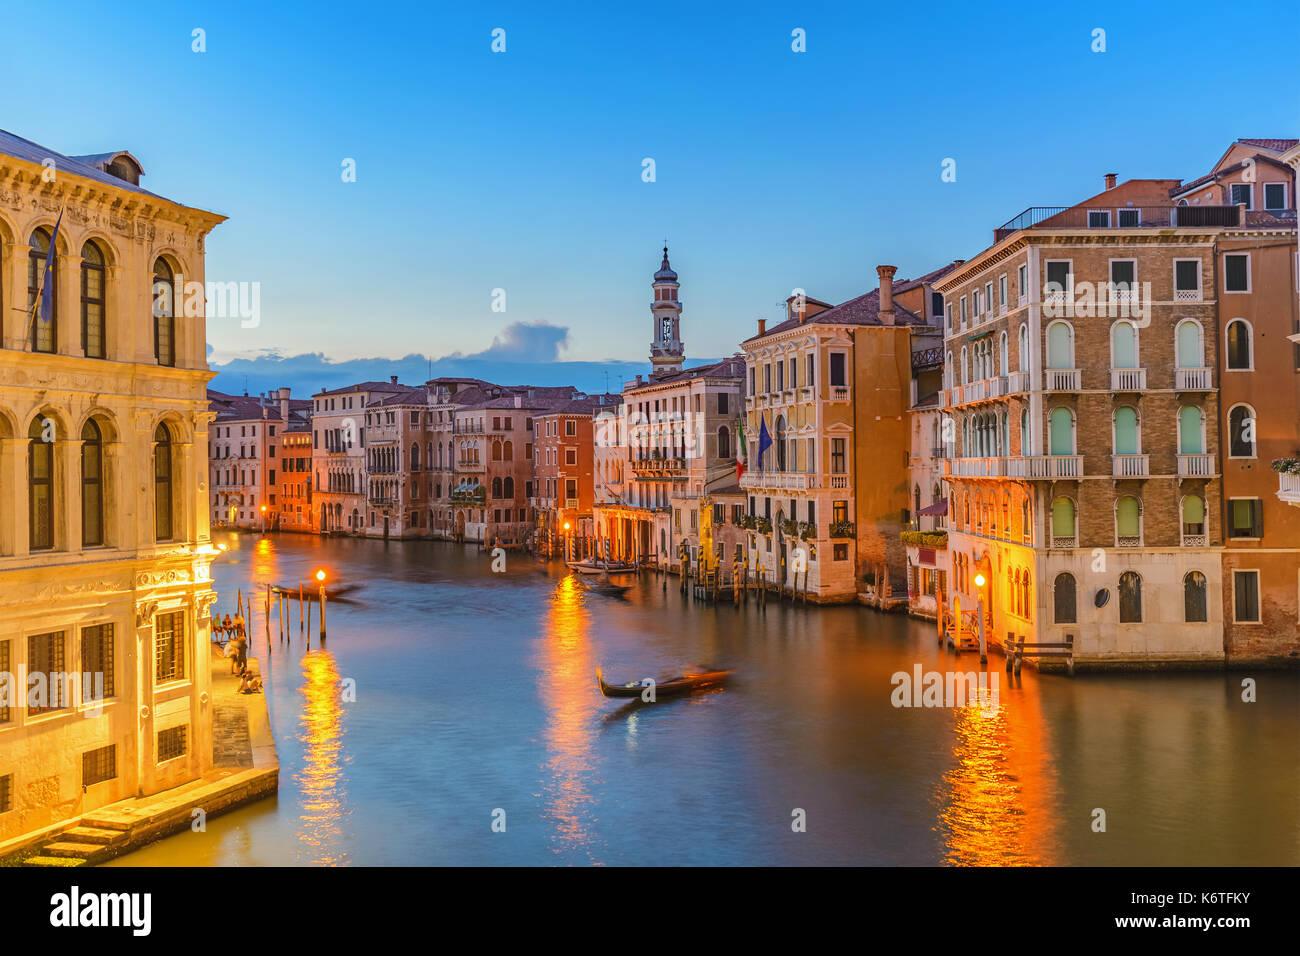 Venice sunset city skyline at Grand Canal, Venice (Venezia), Italy Stock Photo